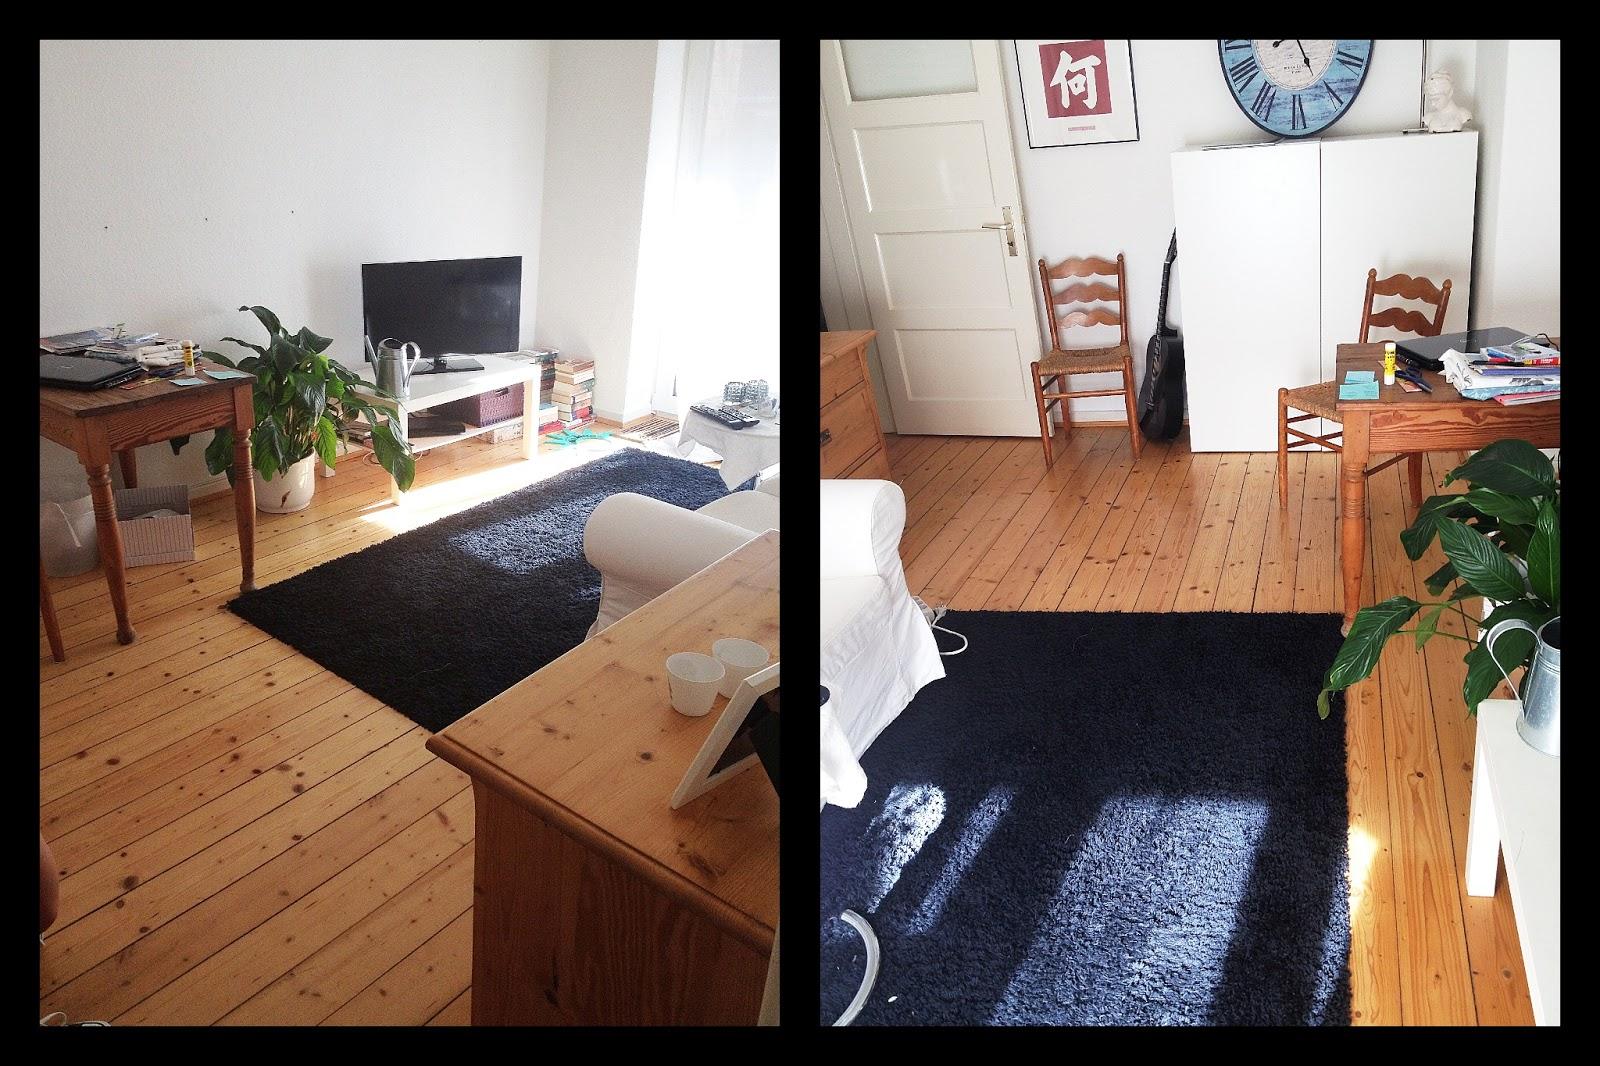 Wohnzimmer Neu Gestalten Vorher Nachher 2 : wohnzimmer ideen vorher ...